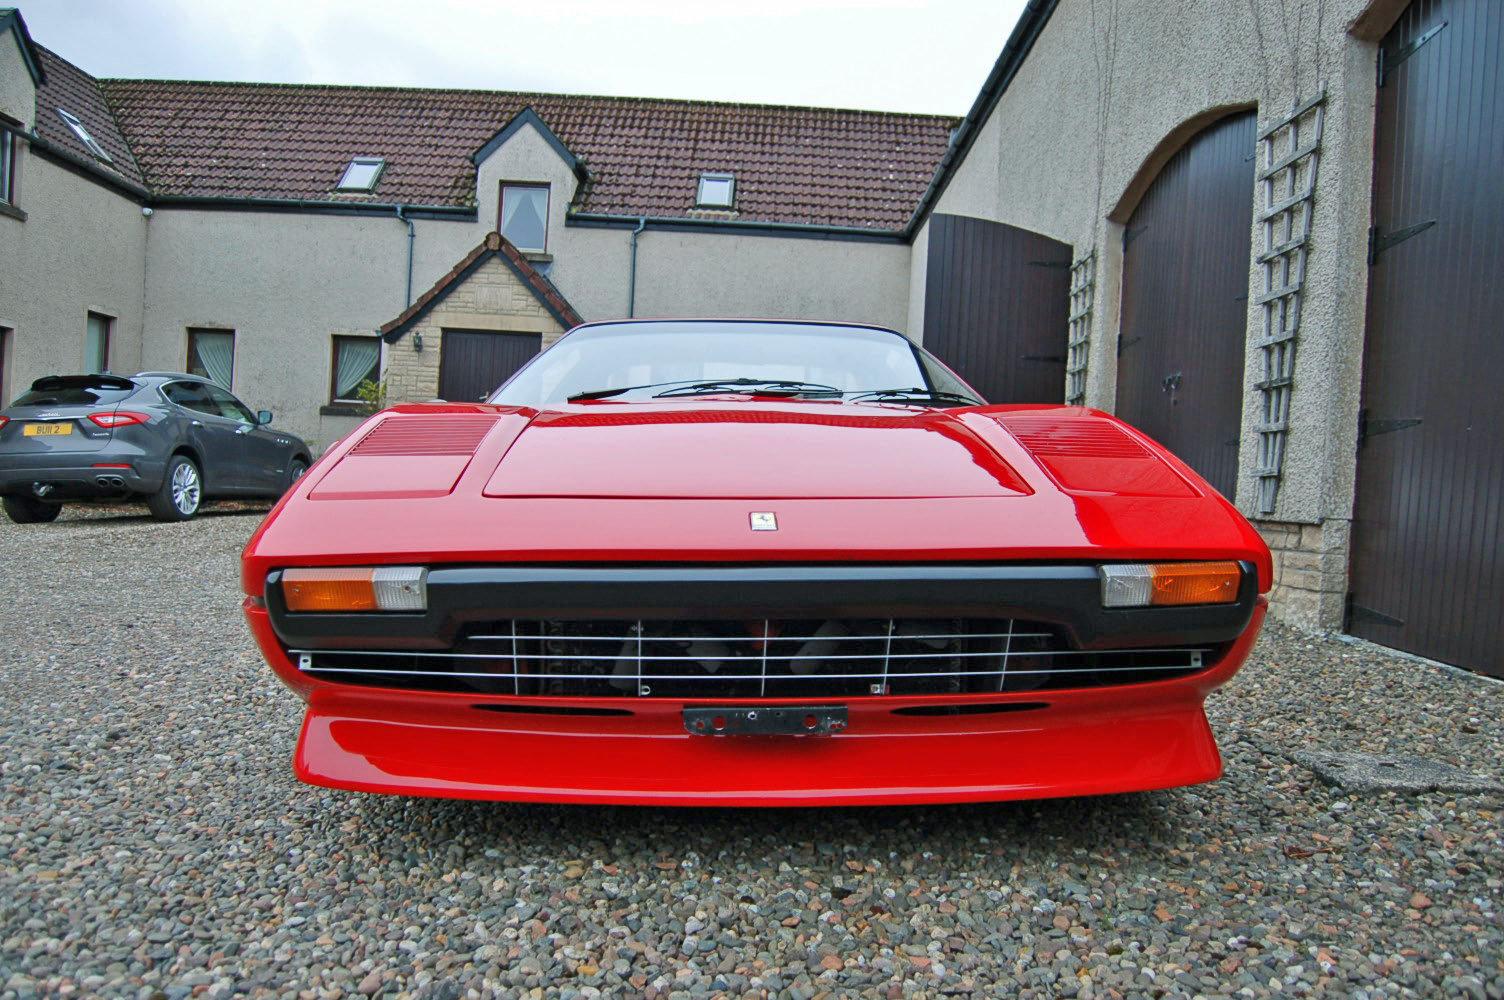 1976 Ferrari 308 GTB Vetroresina For Sale (picture 3 of 6)